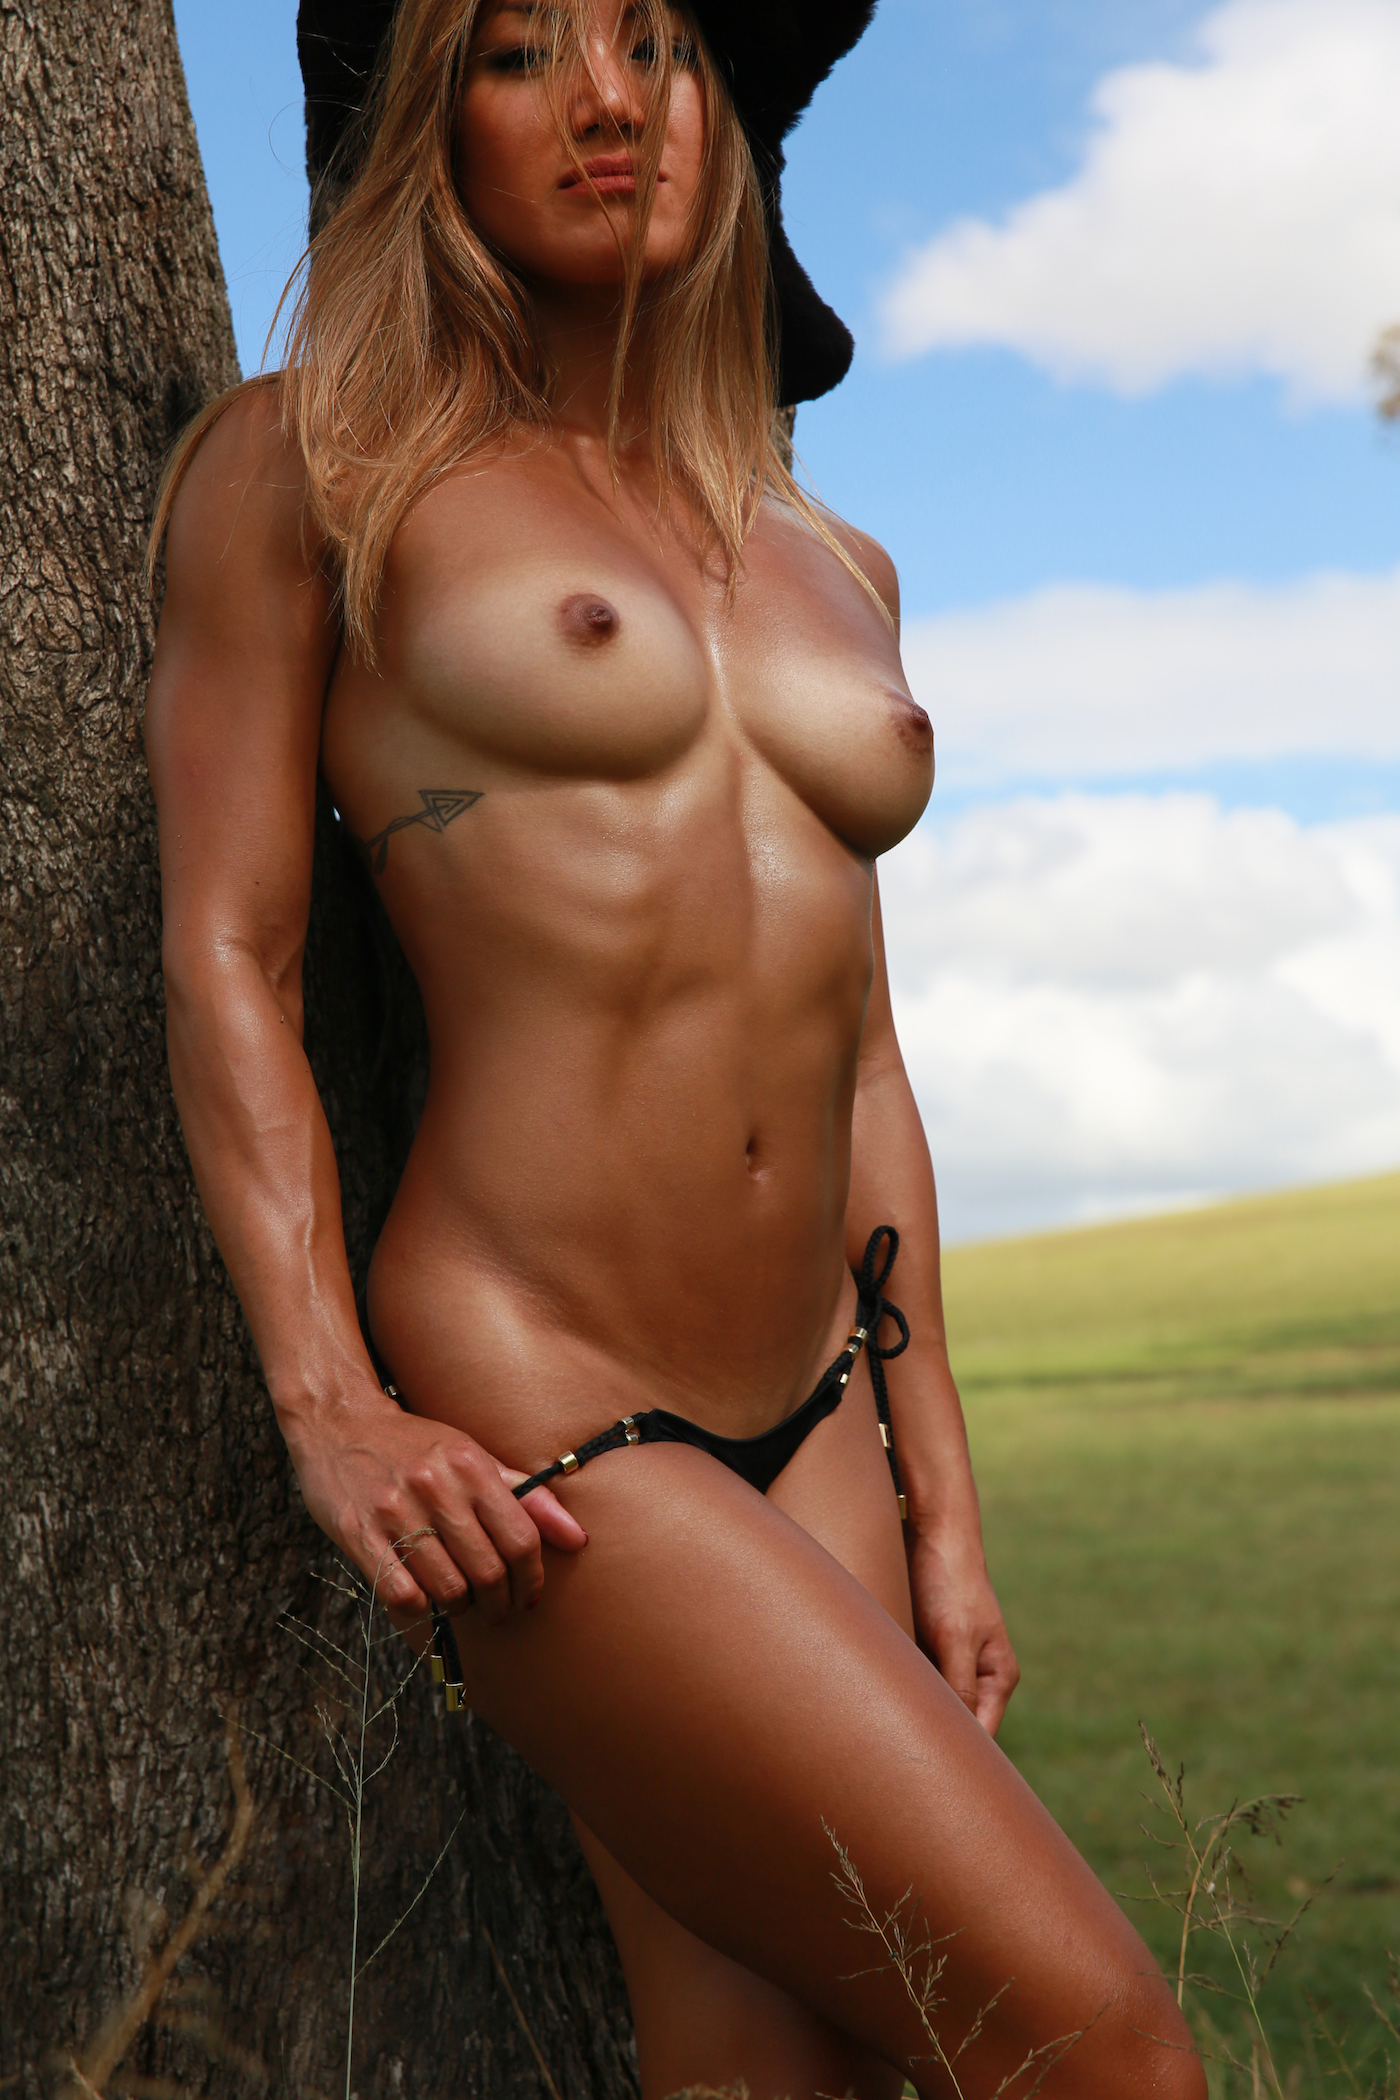 Nude women in the wild